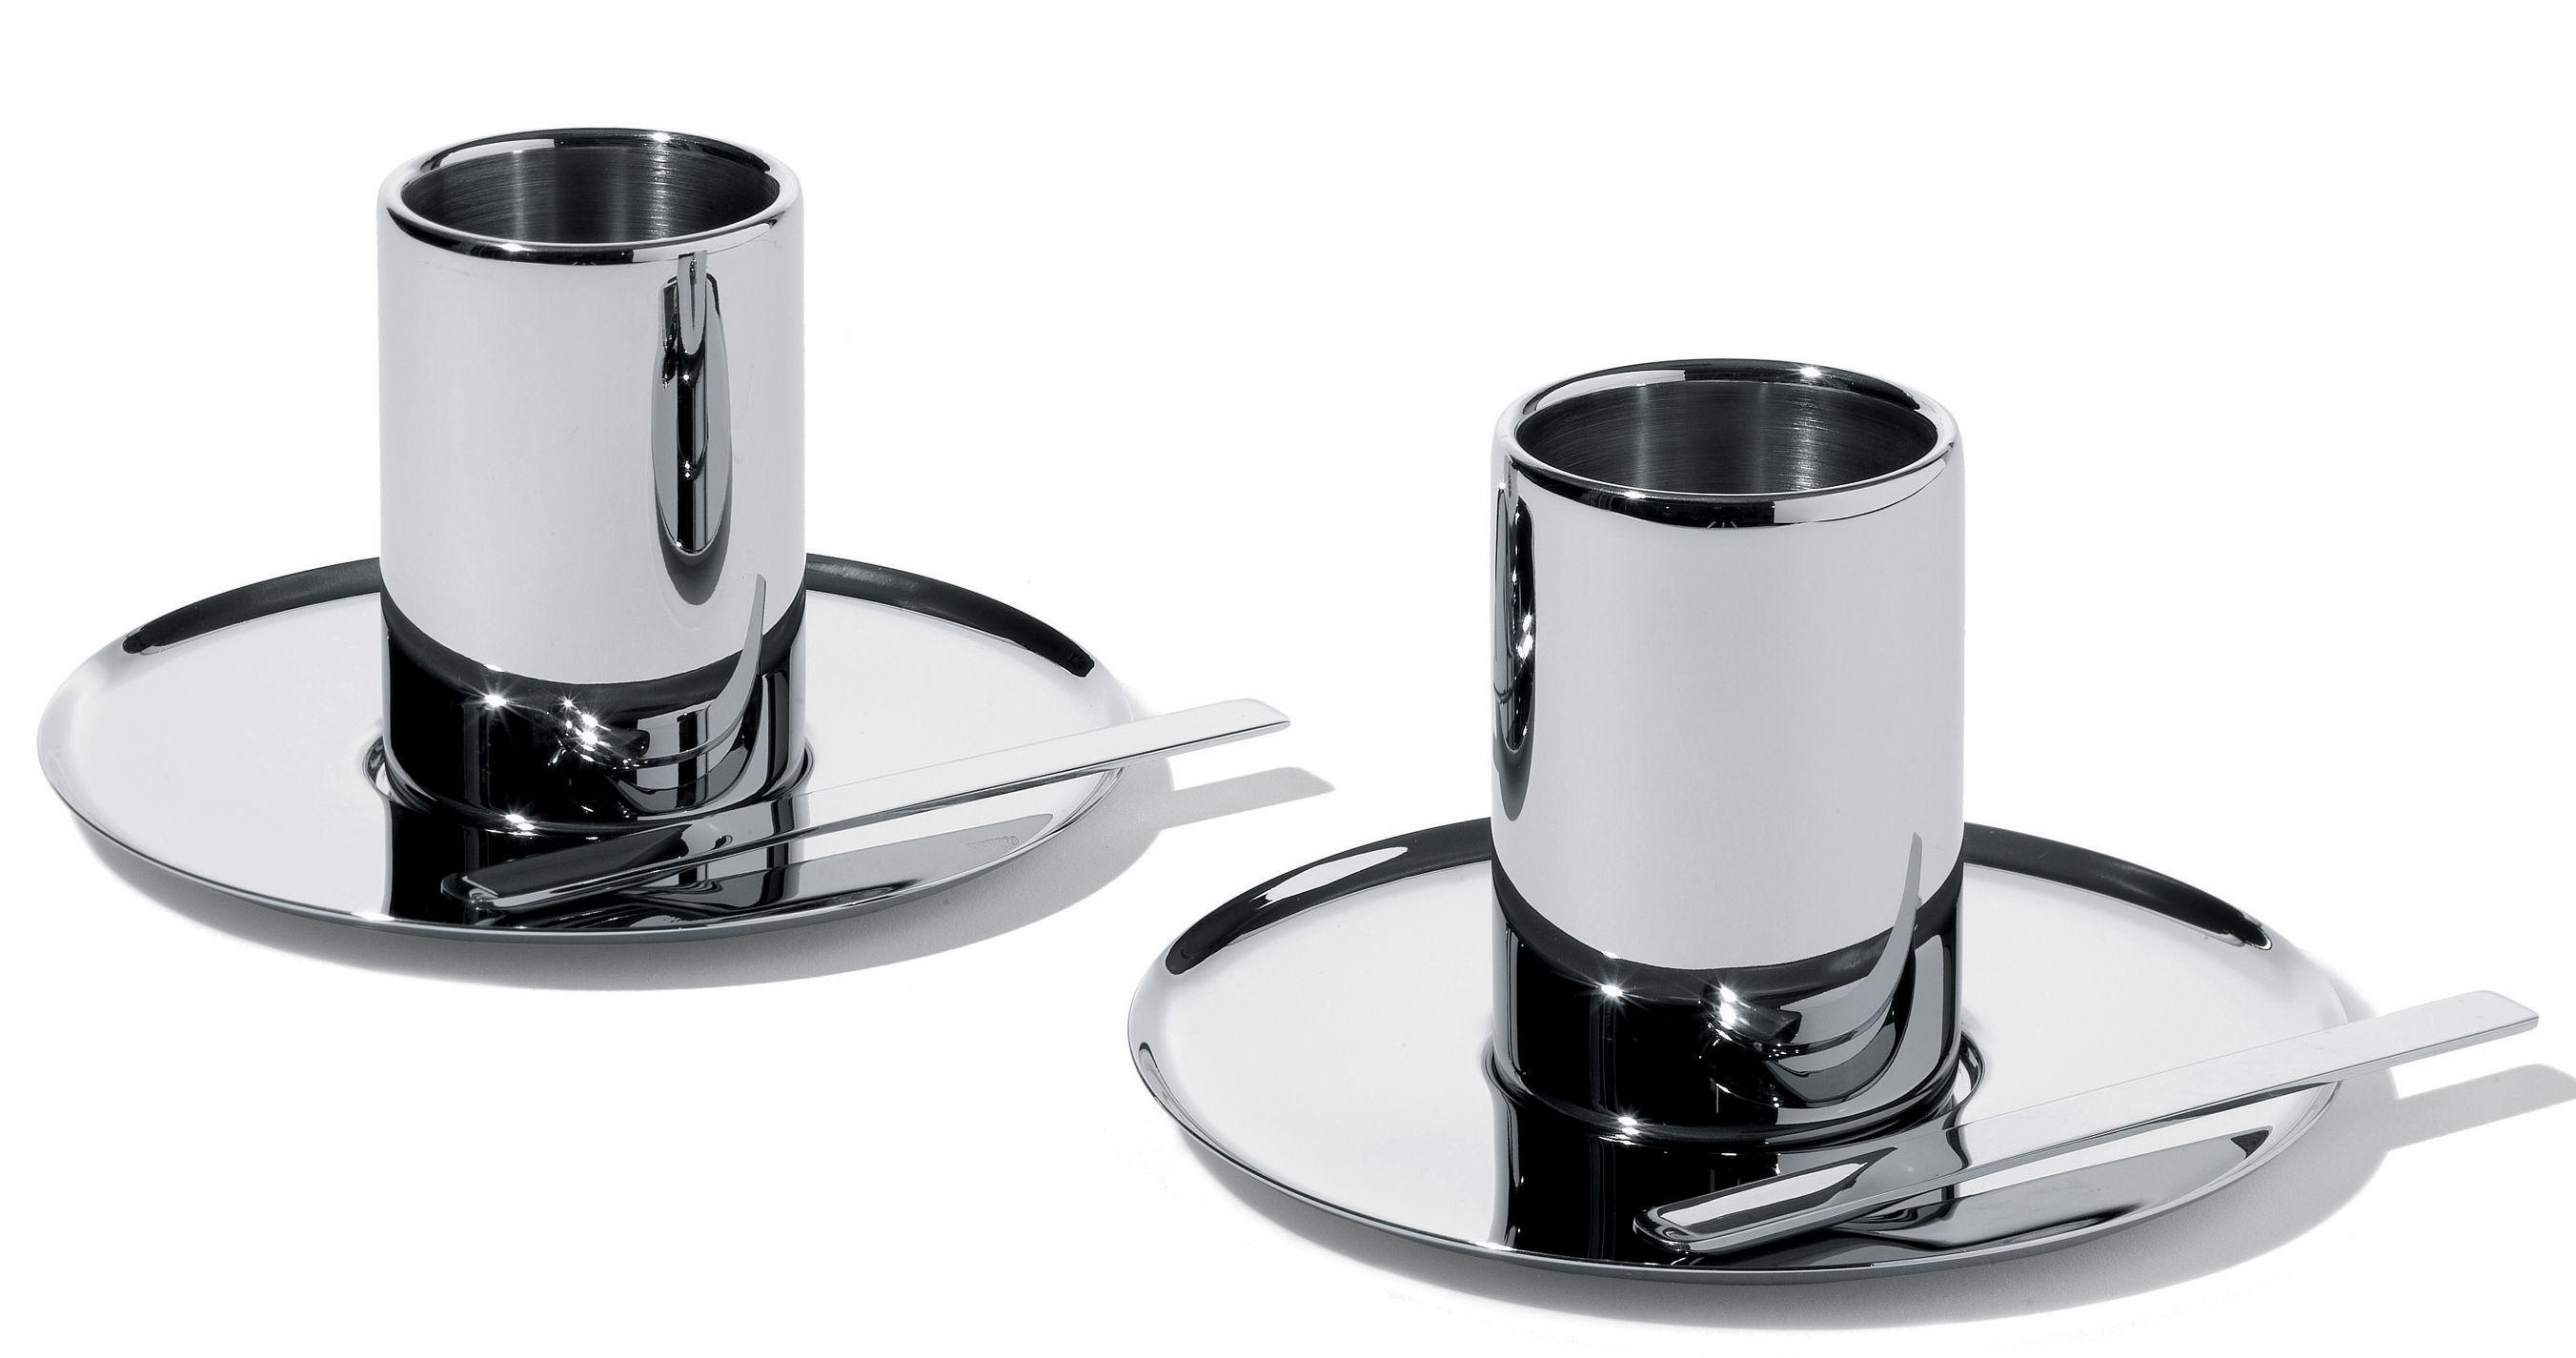 Arts de la table - Couverts de table - Cuillère à café Jean Nouvel / Lot de 4 - Alessi - Acier - Acier inoxydable